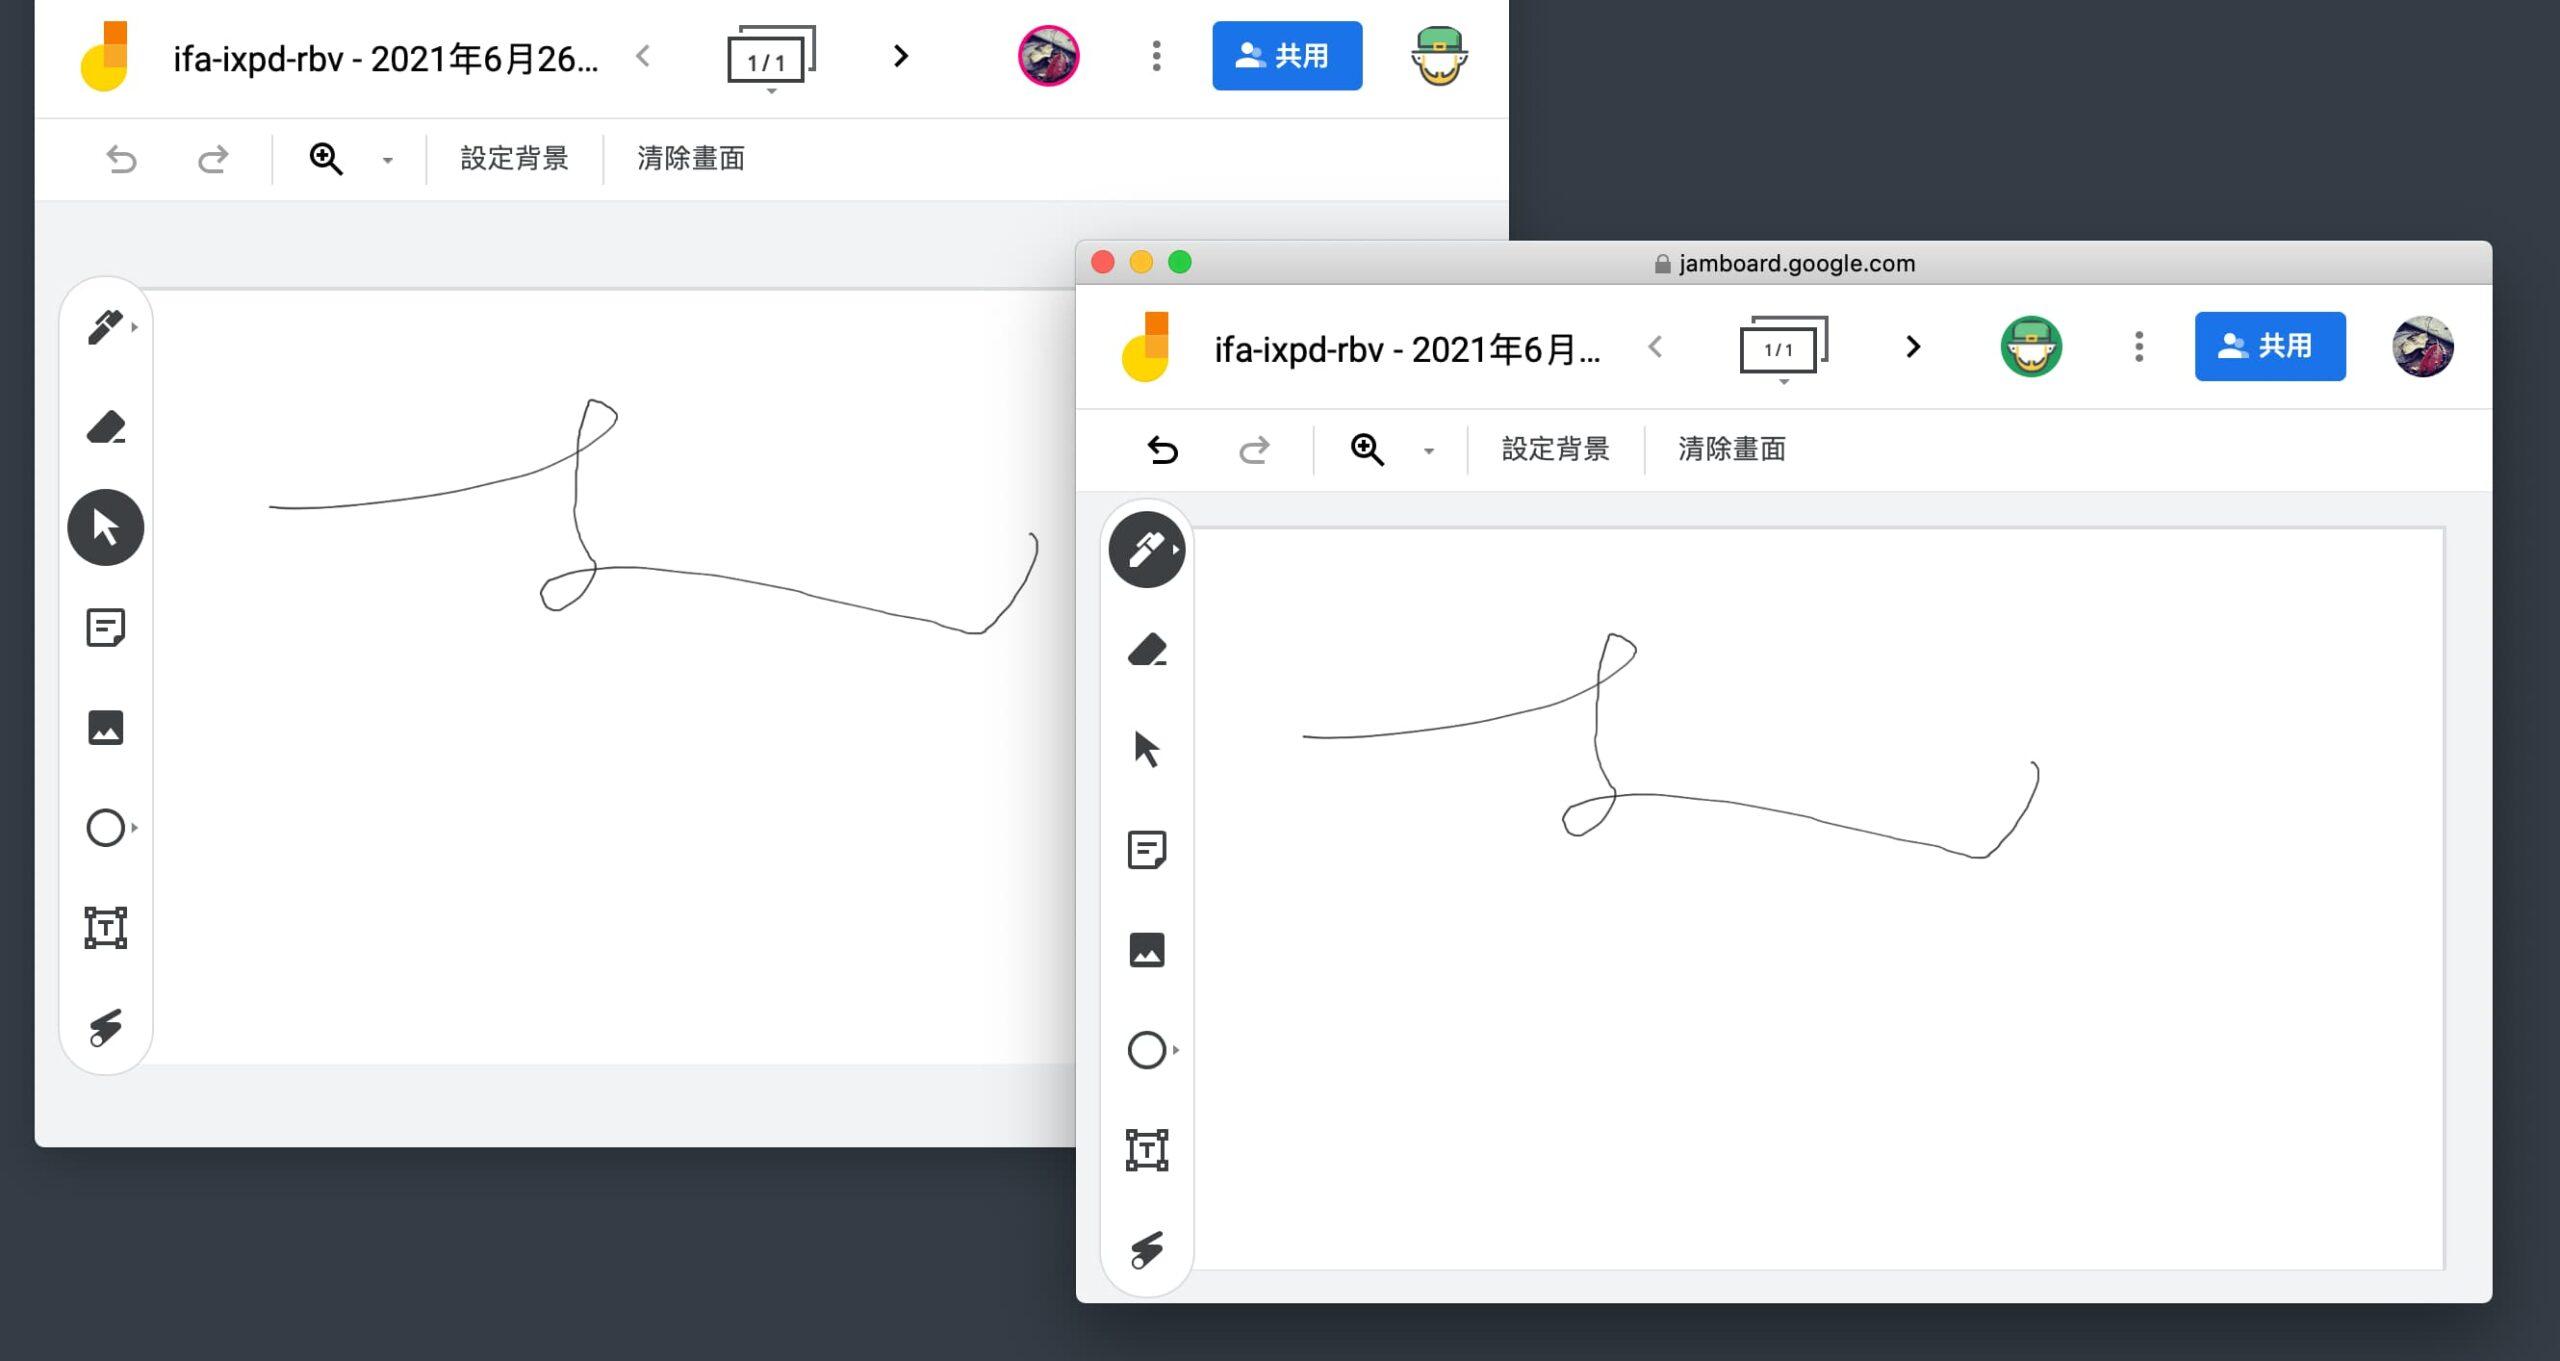 線上協同虛擬白板功能1